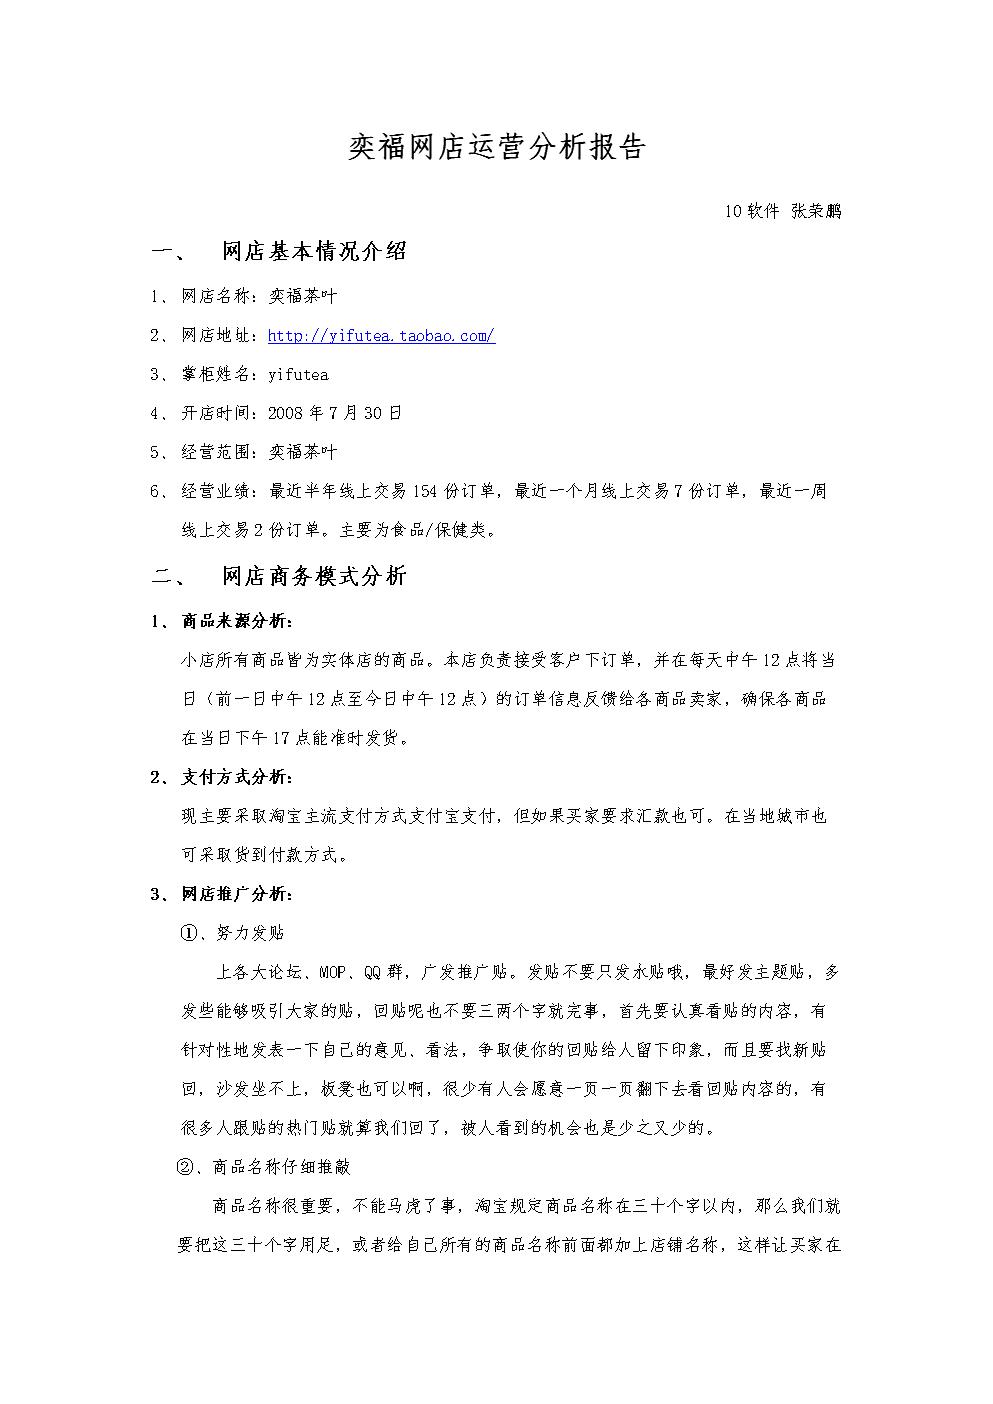 网店运营分析报告文案.doc